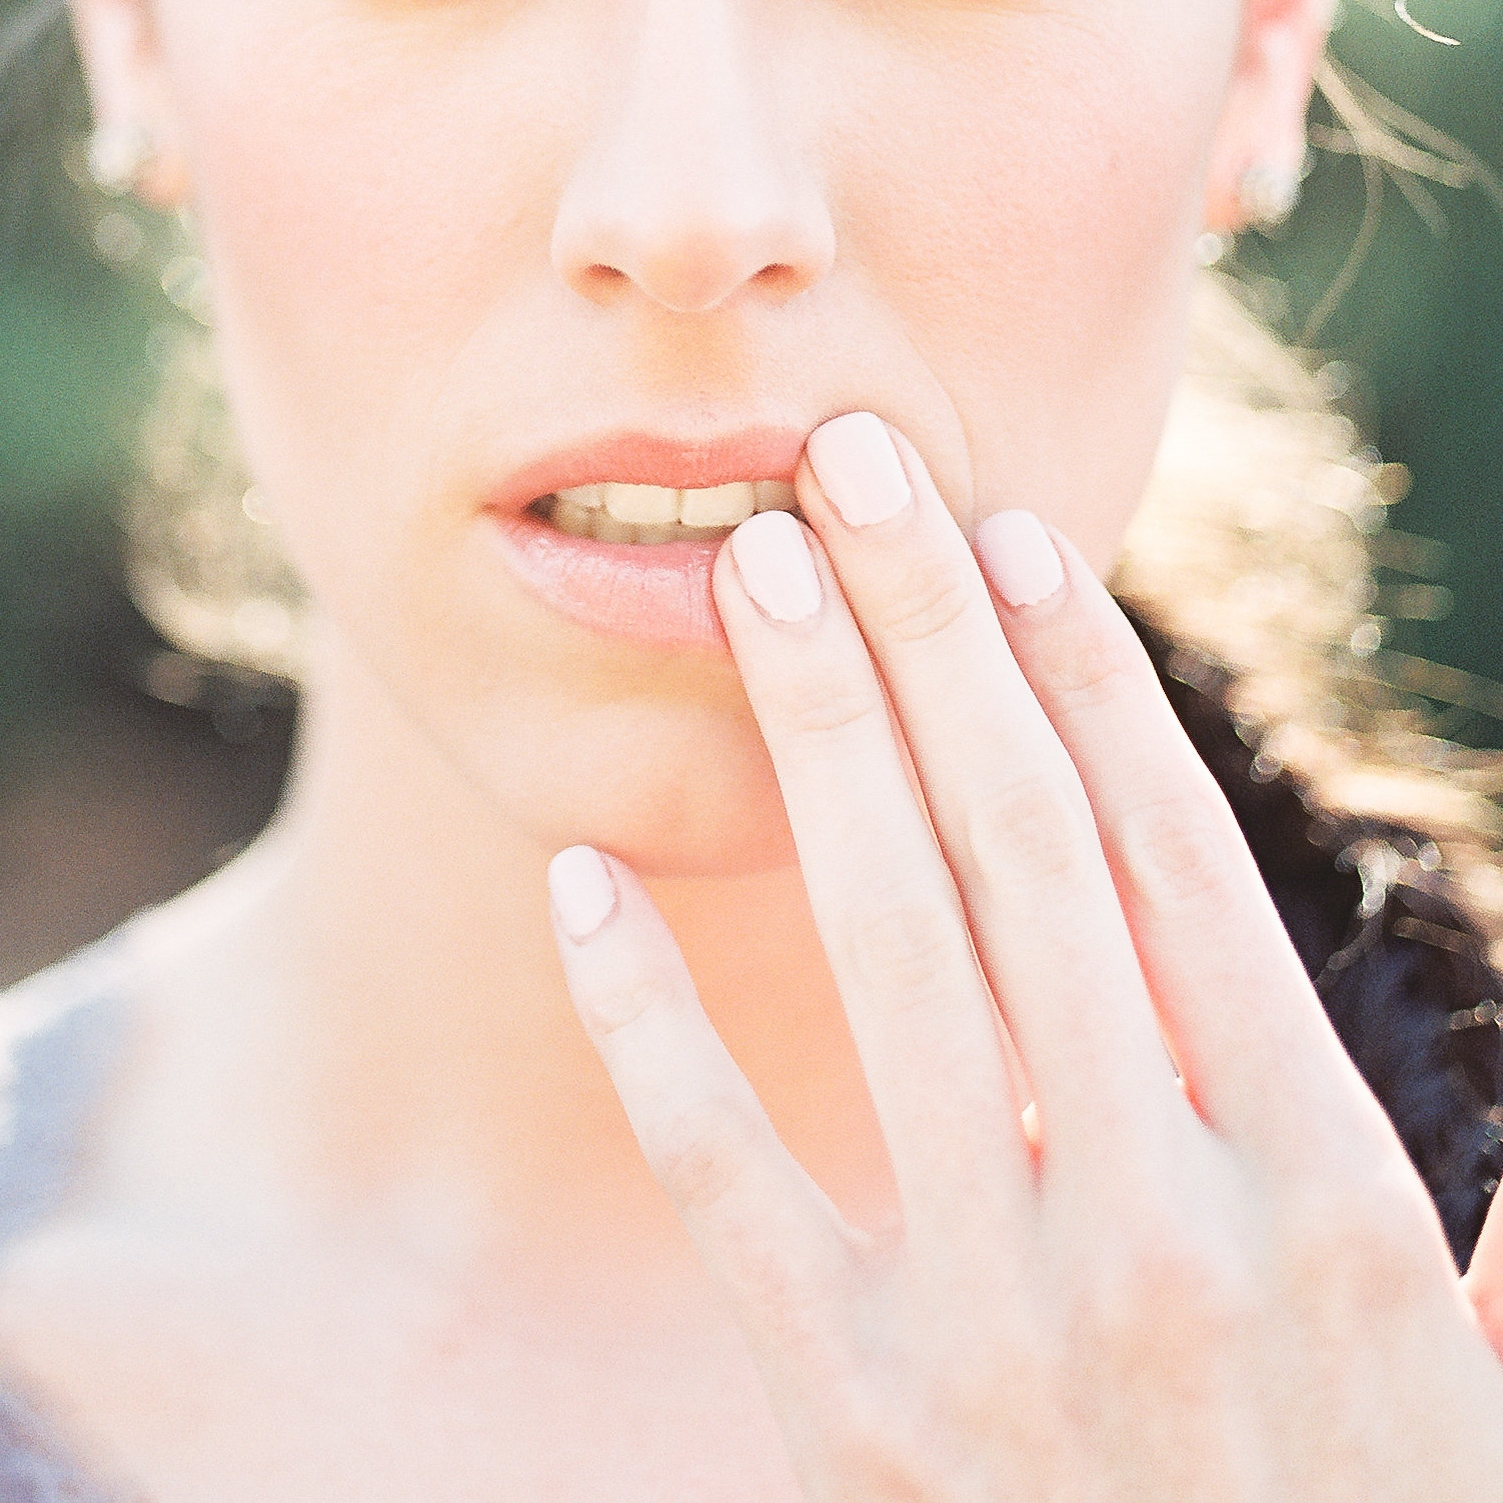 premier airbrush makeup artist in washington dc